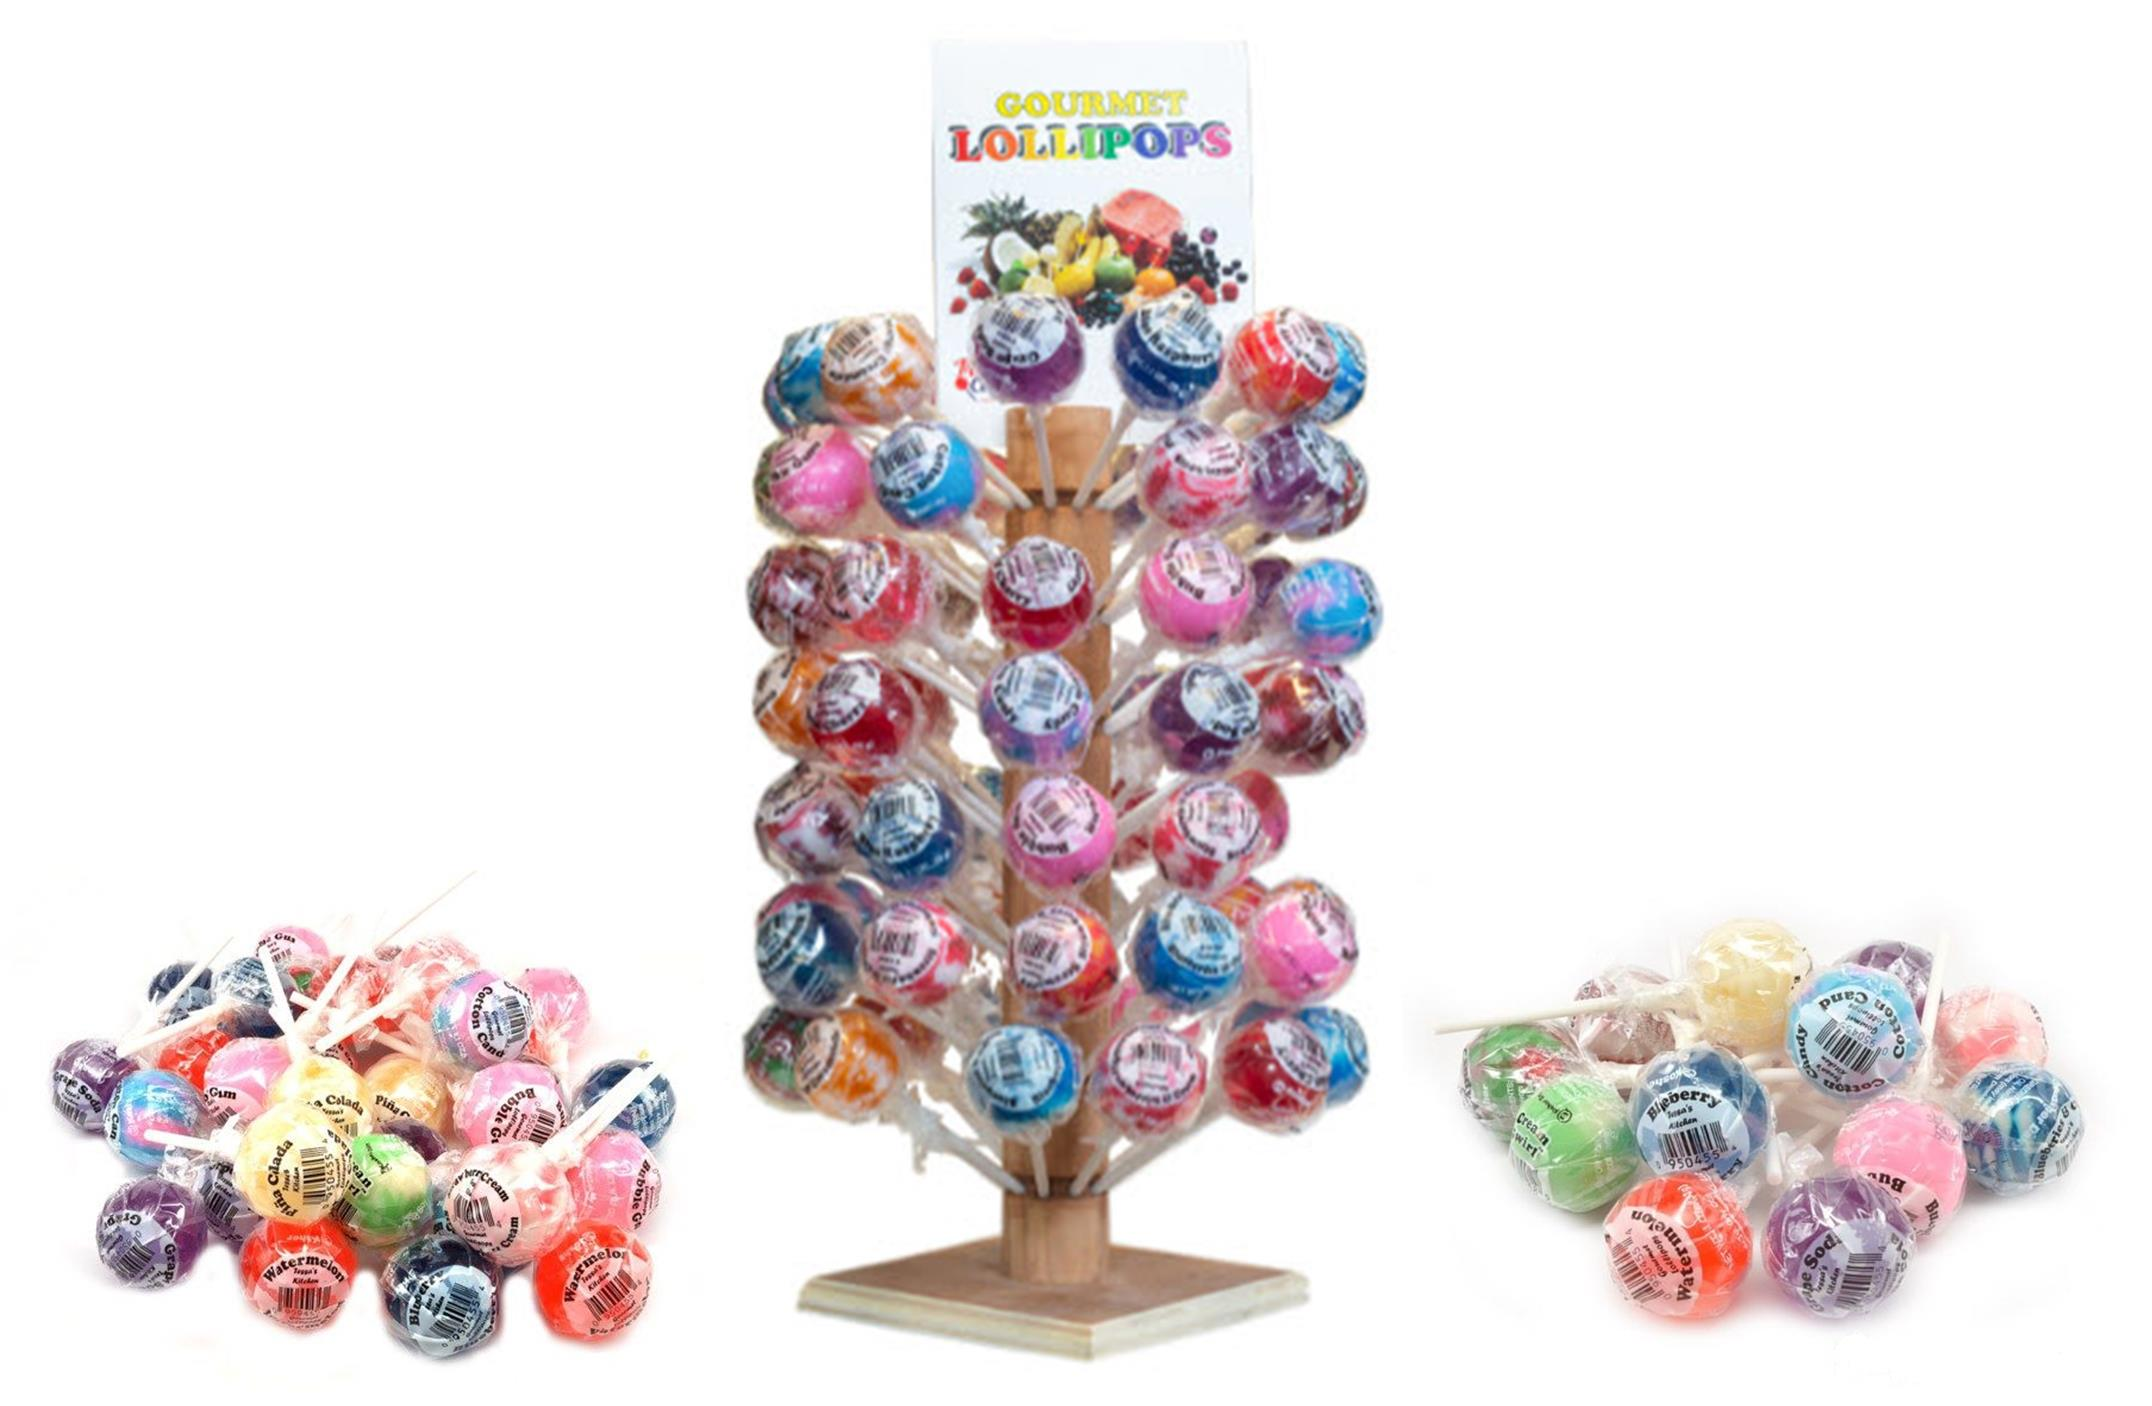 Tessa's Kitchen Gourmet Lollipops Collage